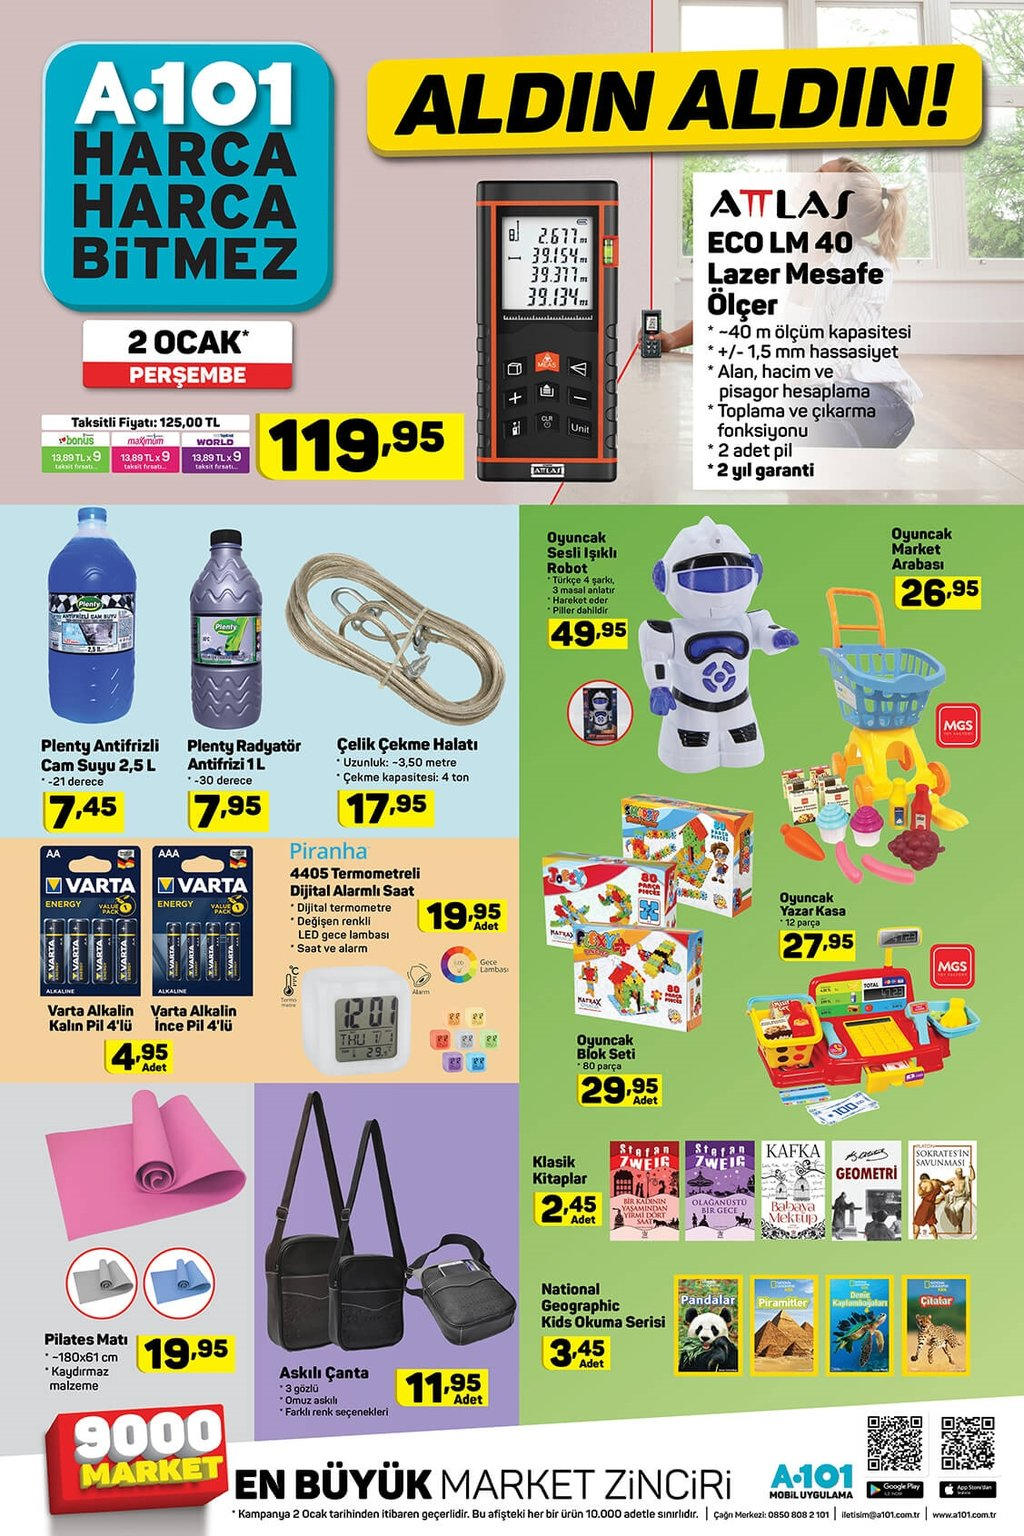 2 Ocak Perşembe A101 aktüel ürünler kataloğu indirimleri!